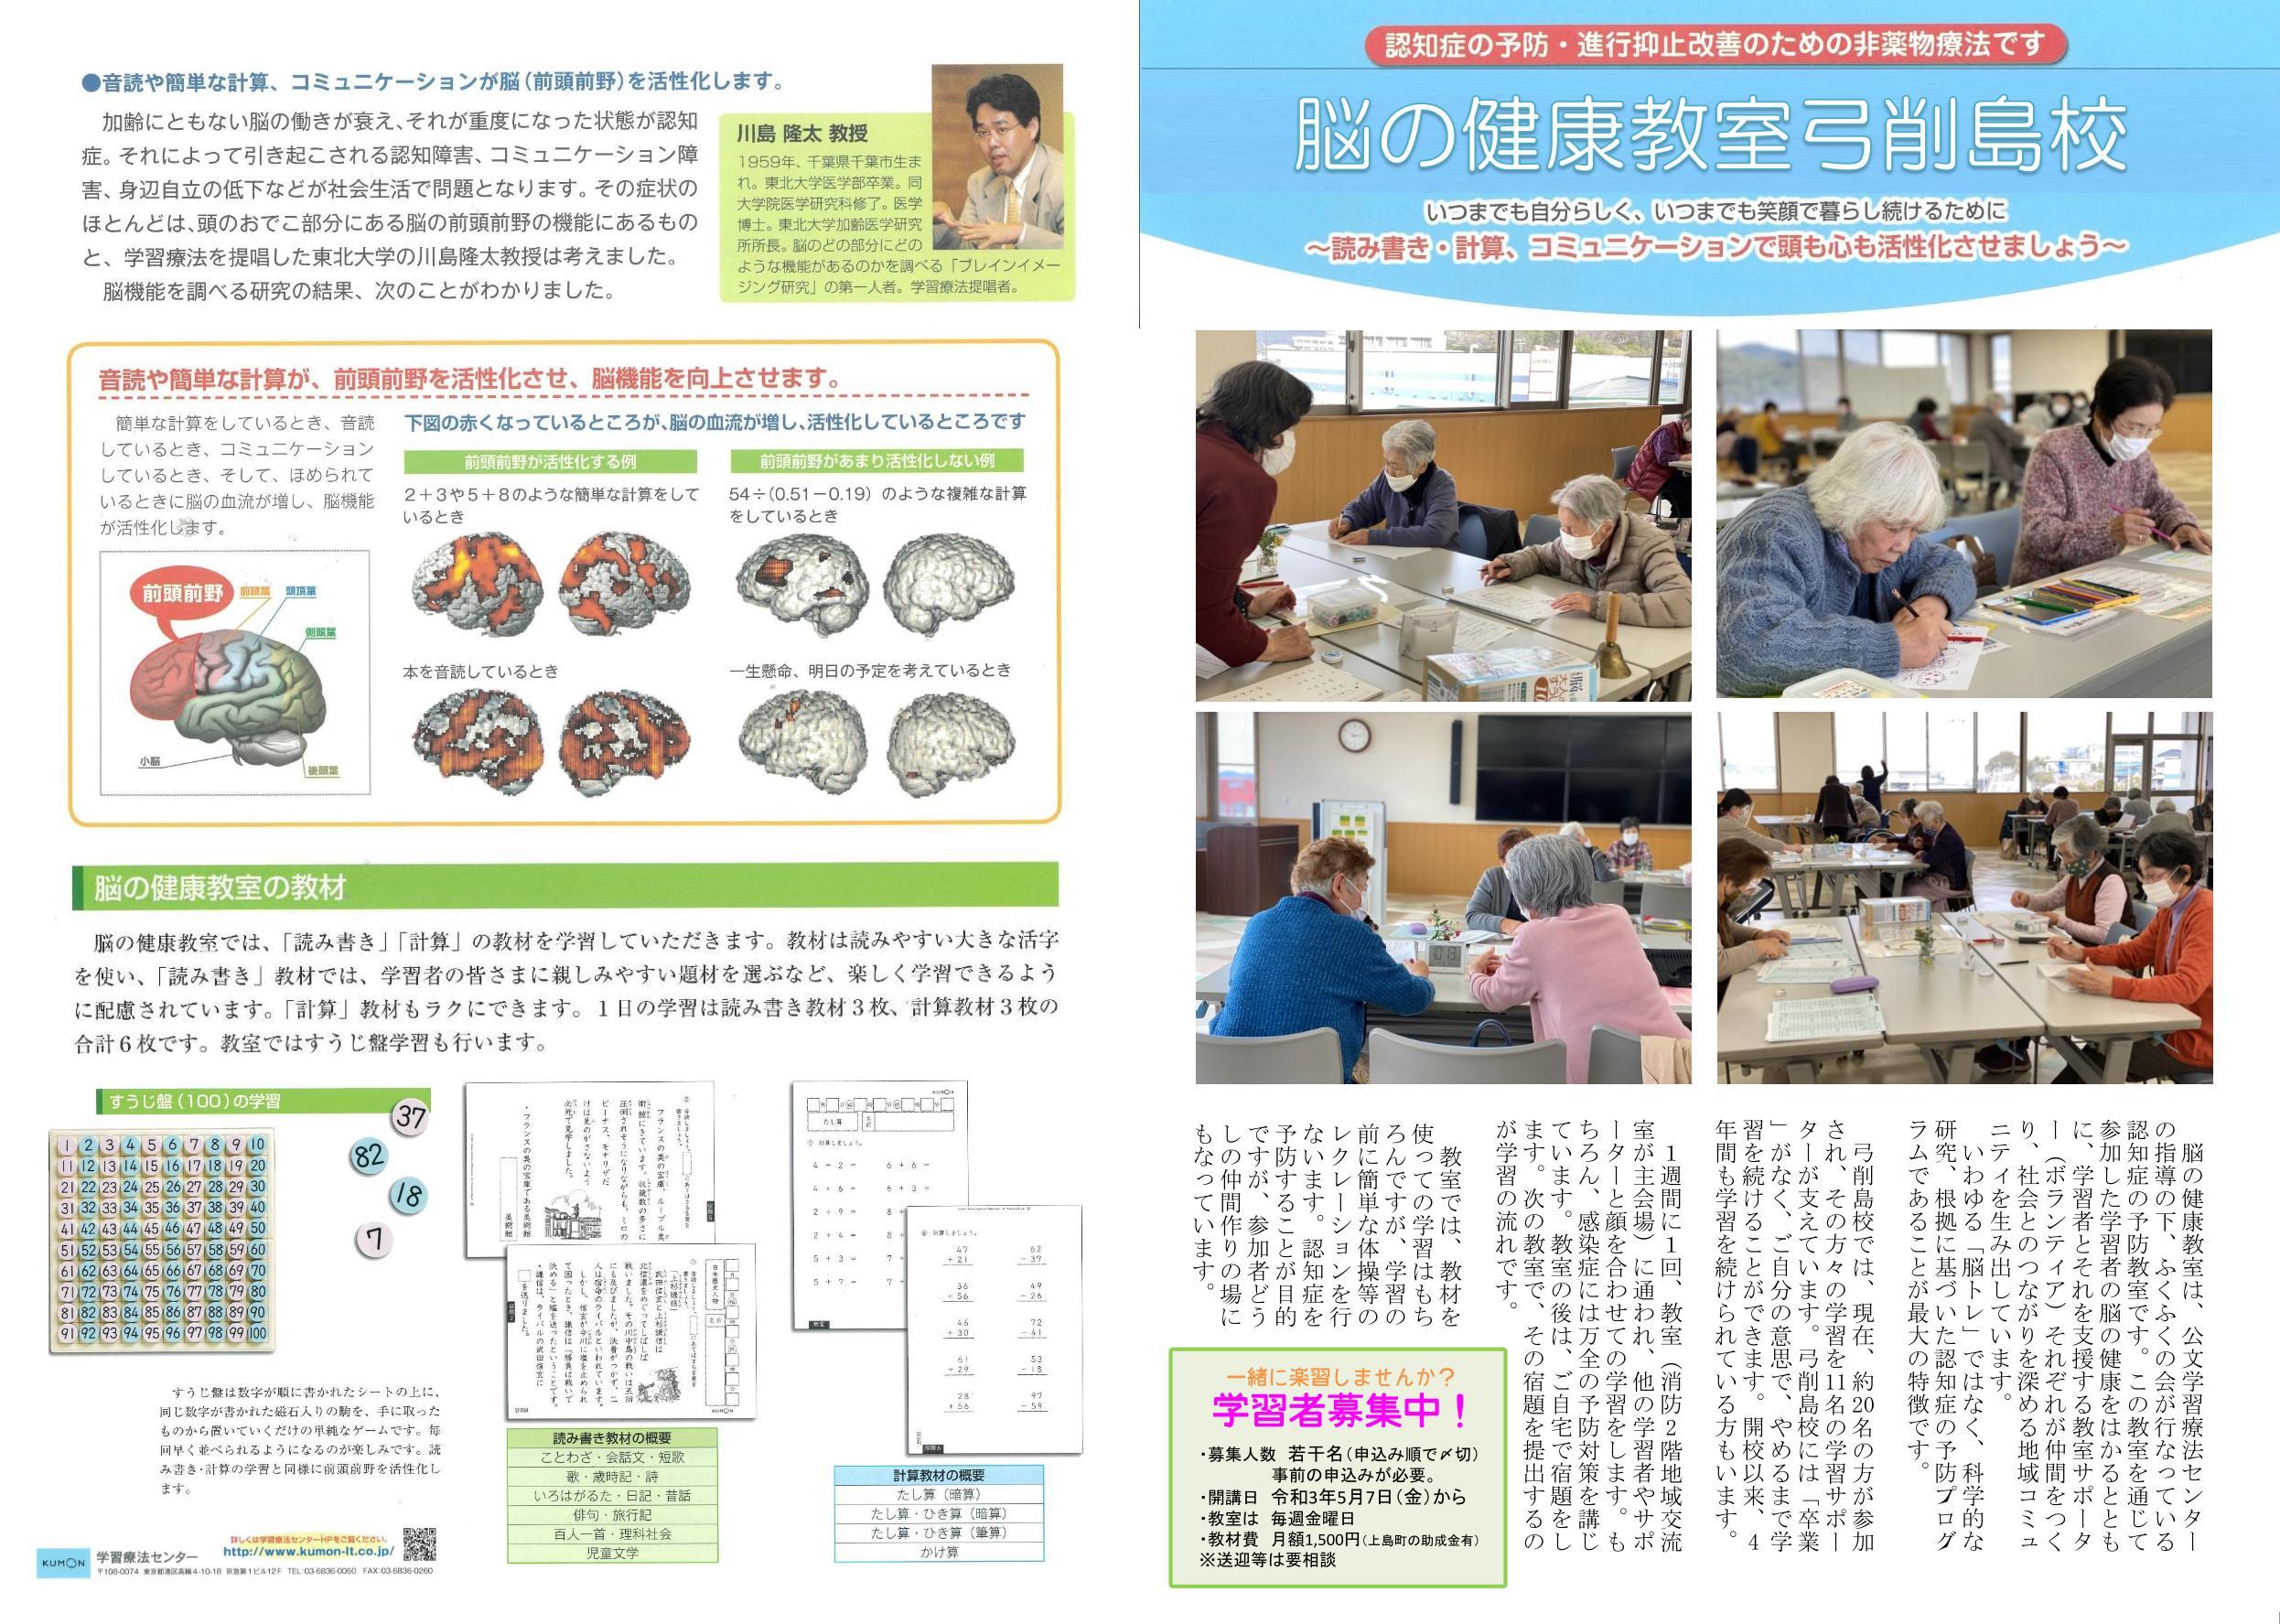 http://fukufukunokai.com/newsletter/images/3%E6%9C%88%E5%8F%B7_cropped_2202103.jpeg